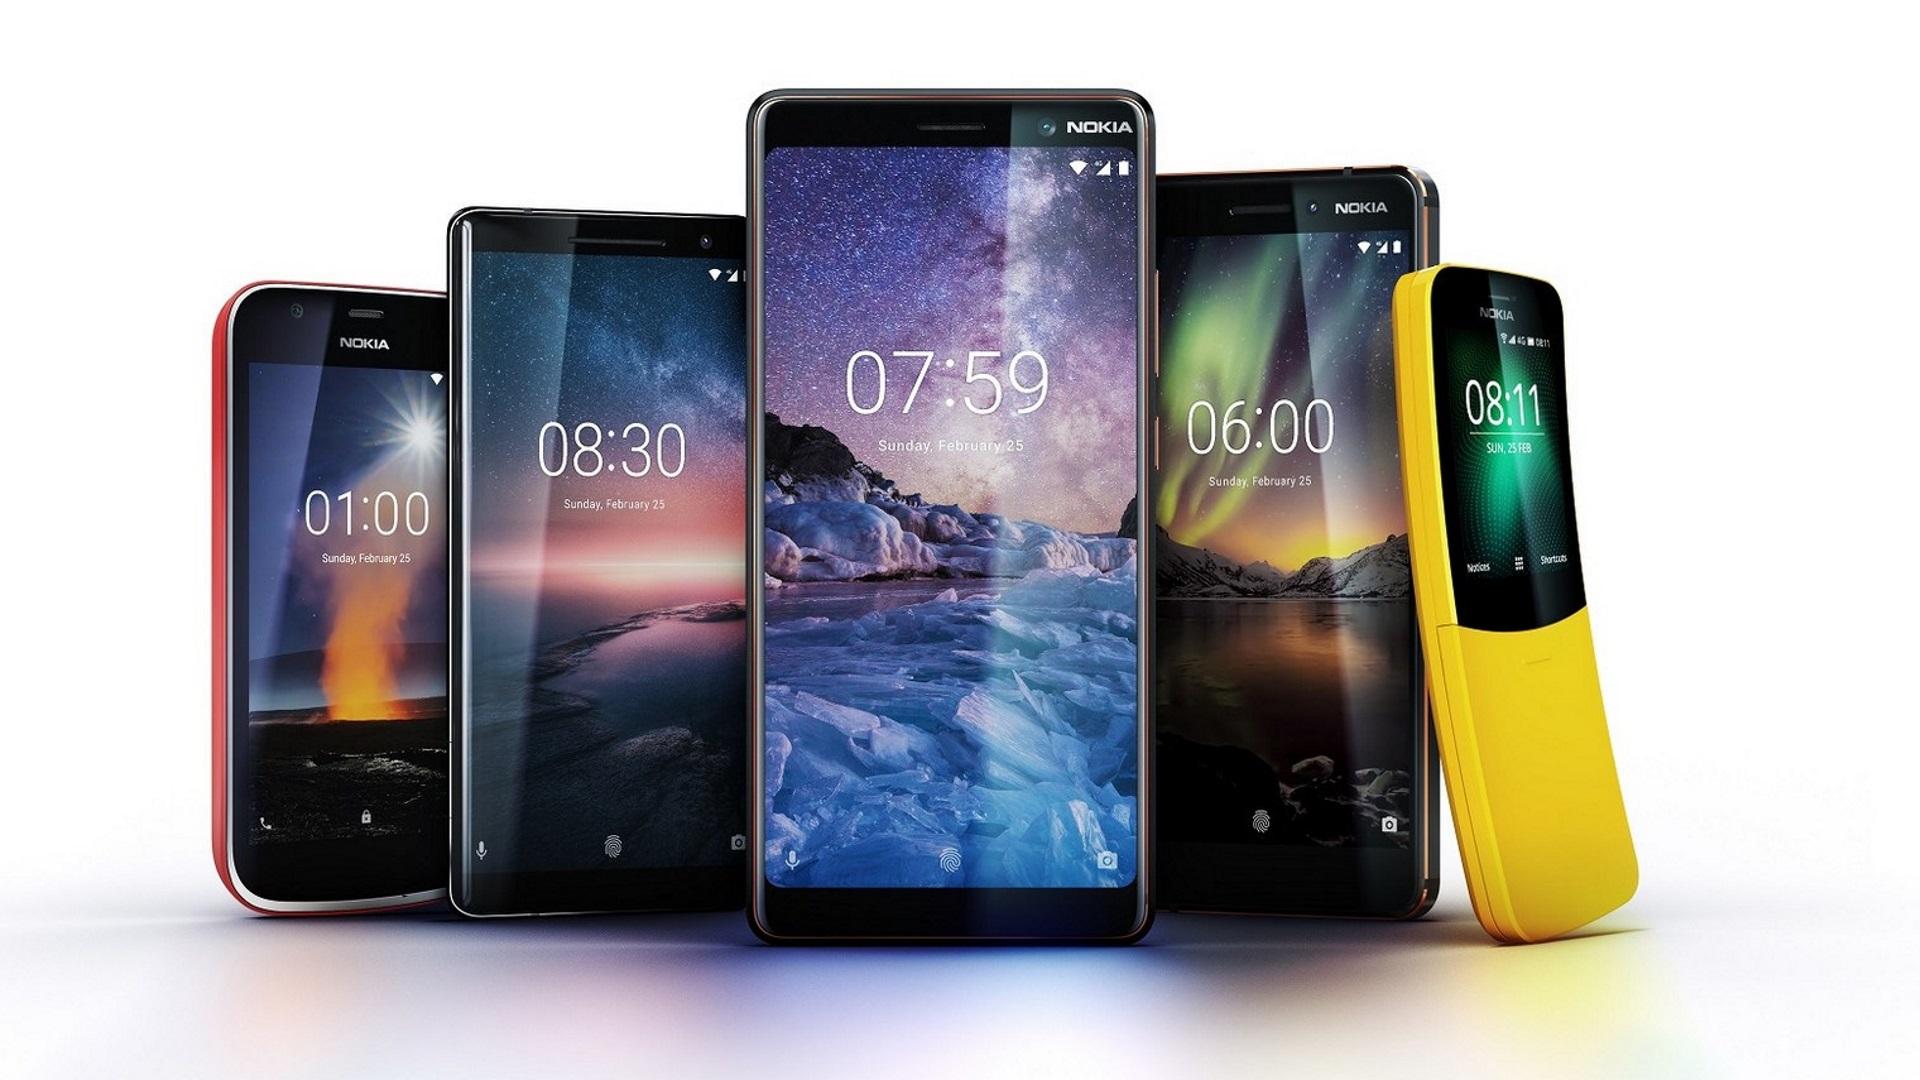 Nokia Перезагрузка: новые девайсы компании 2018 года